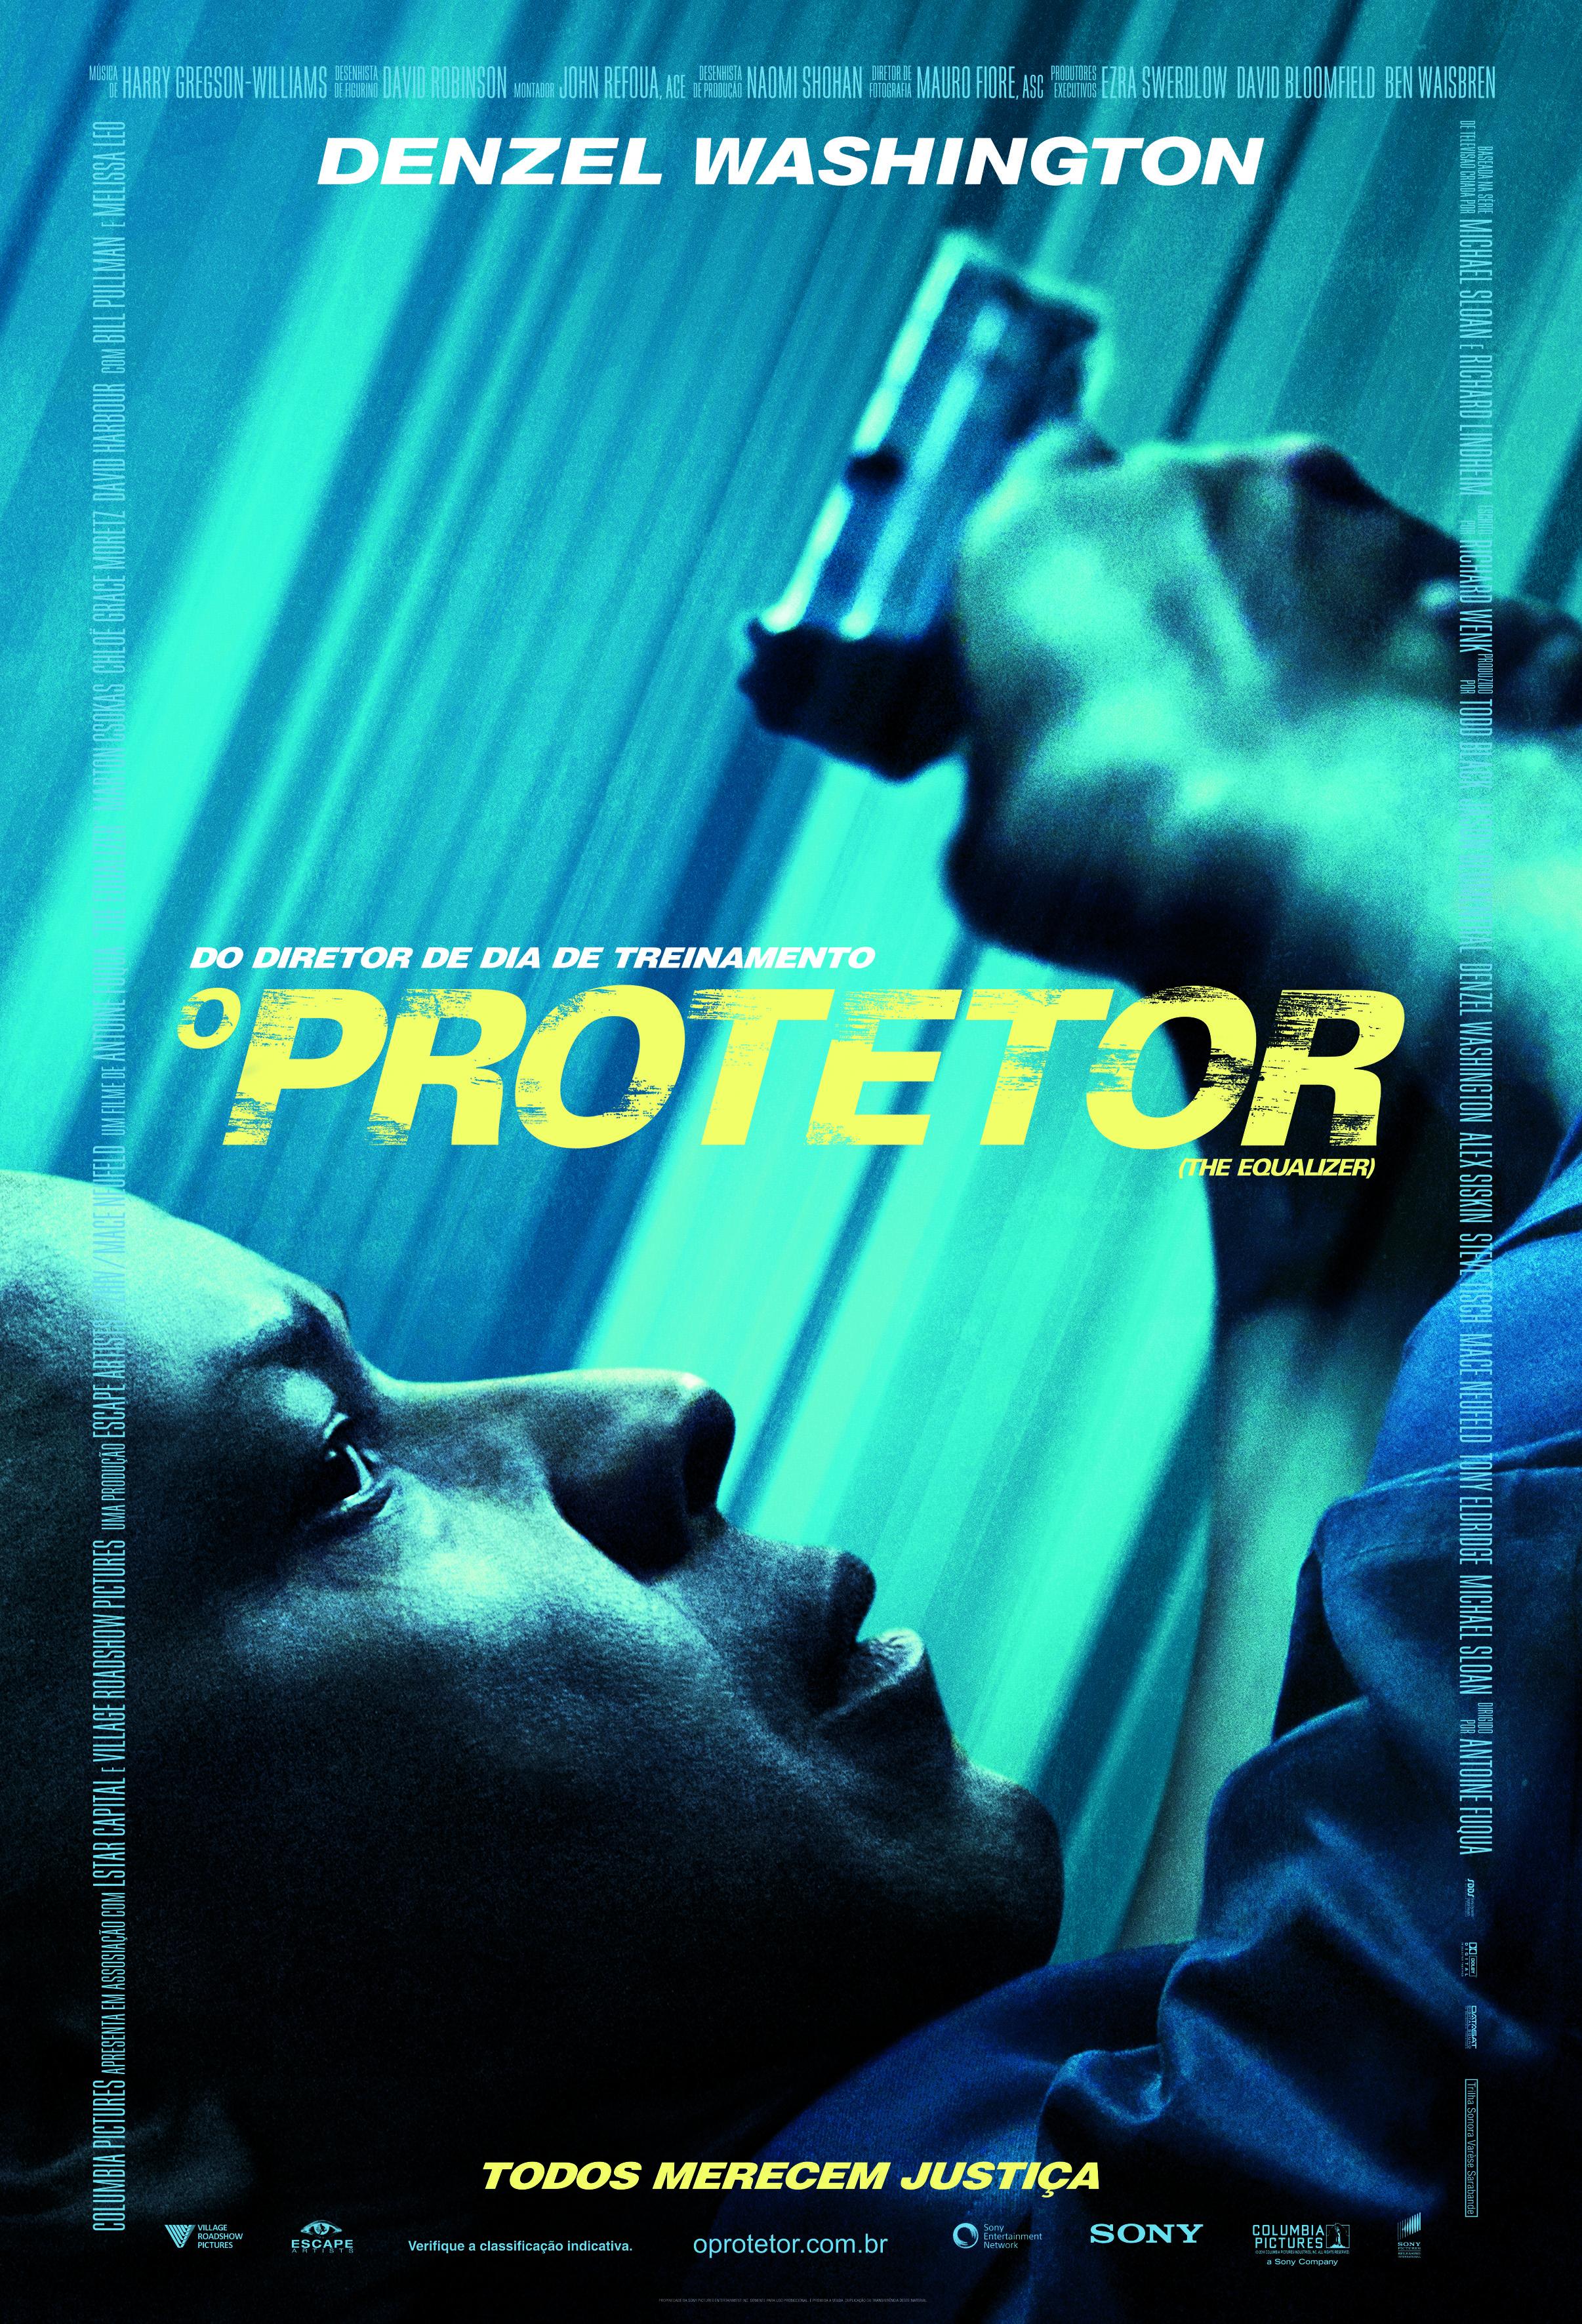 O Protetor